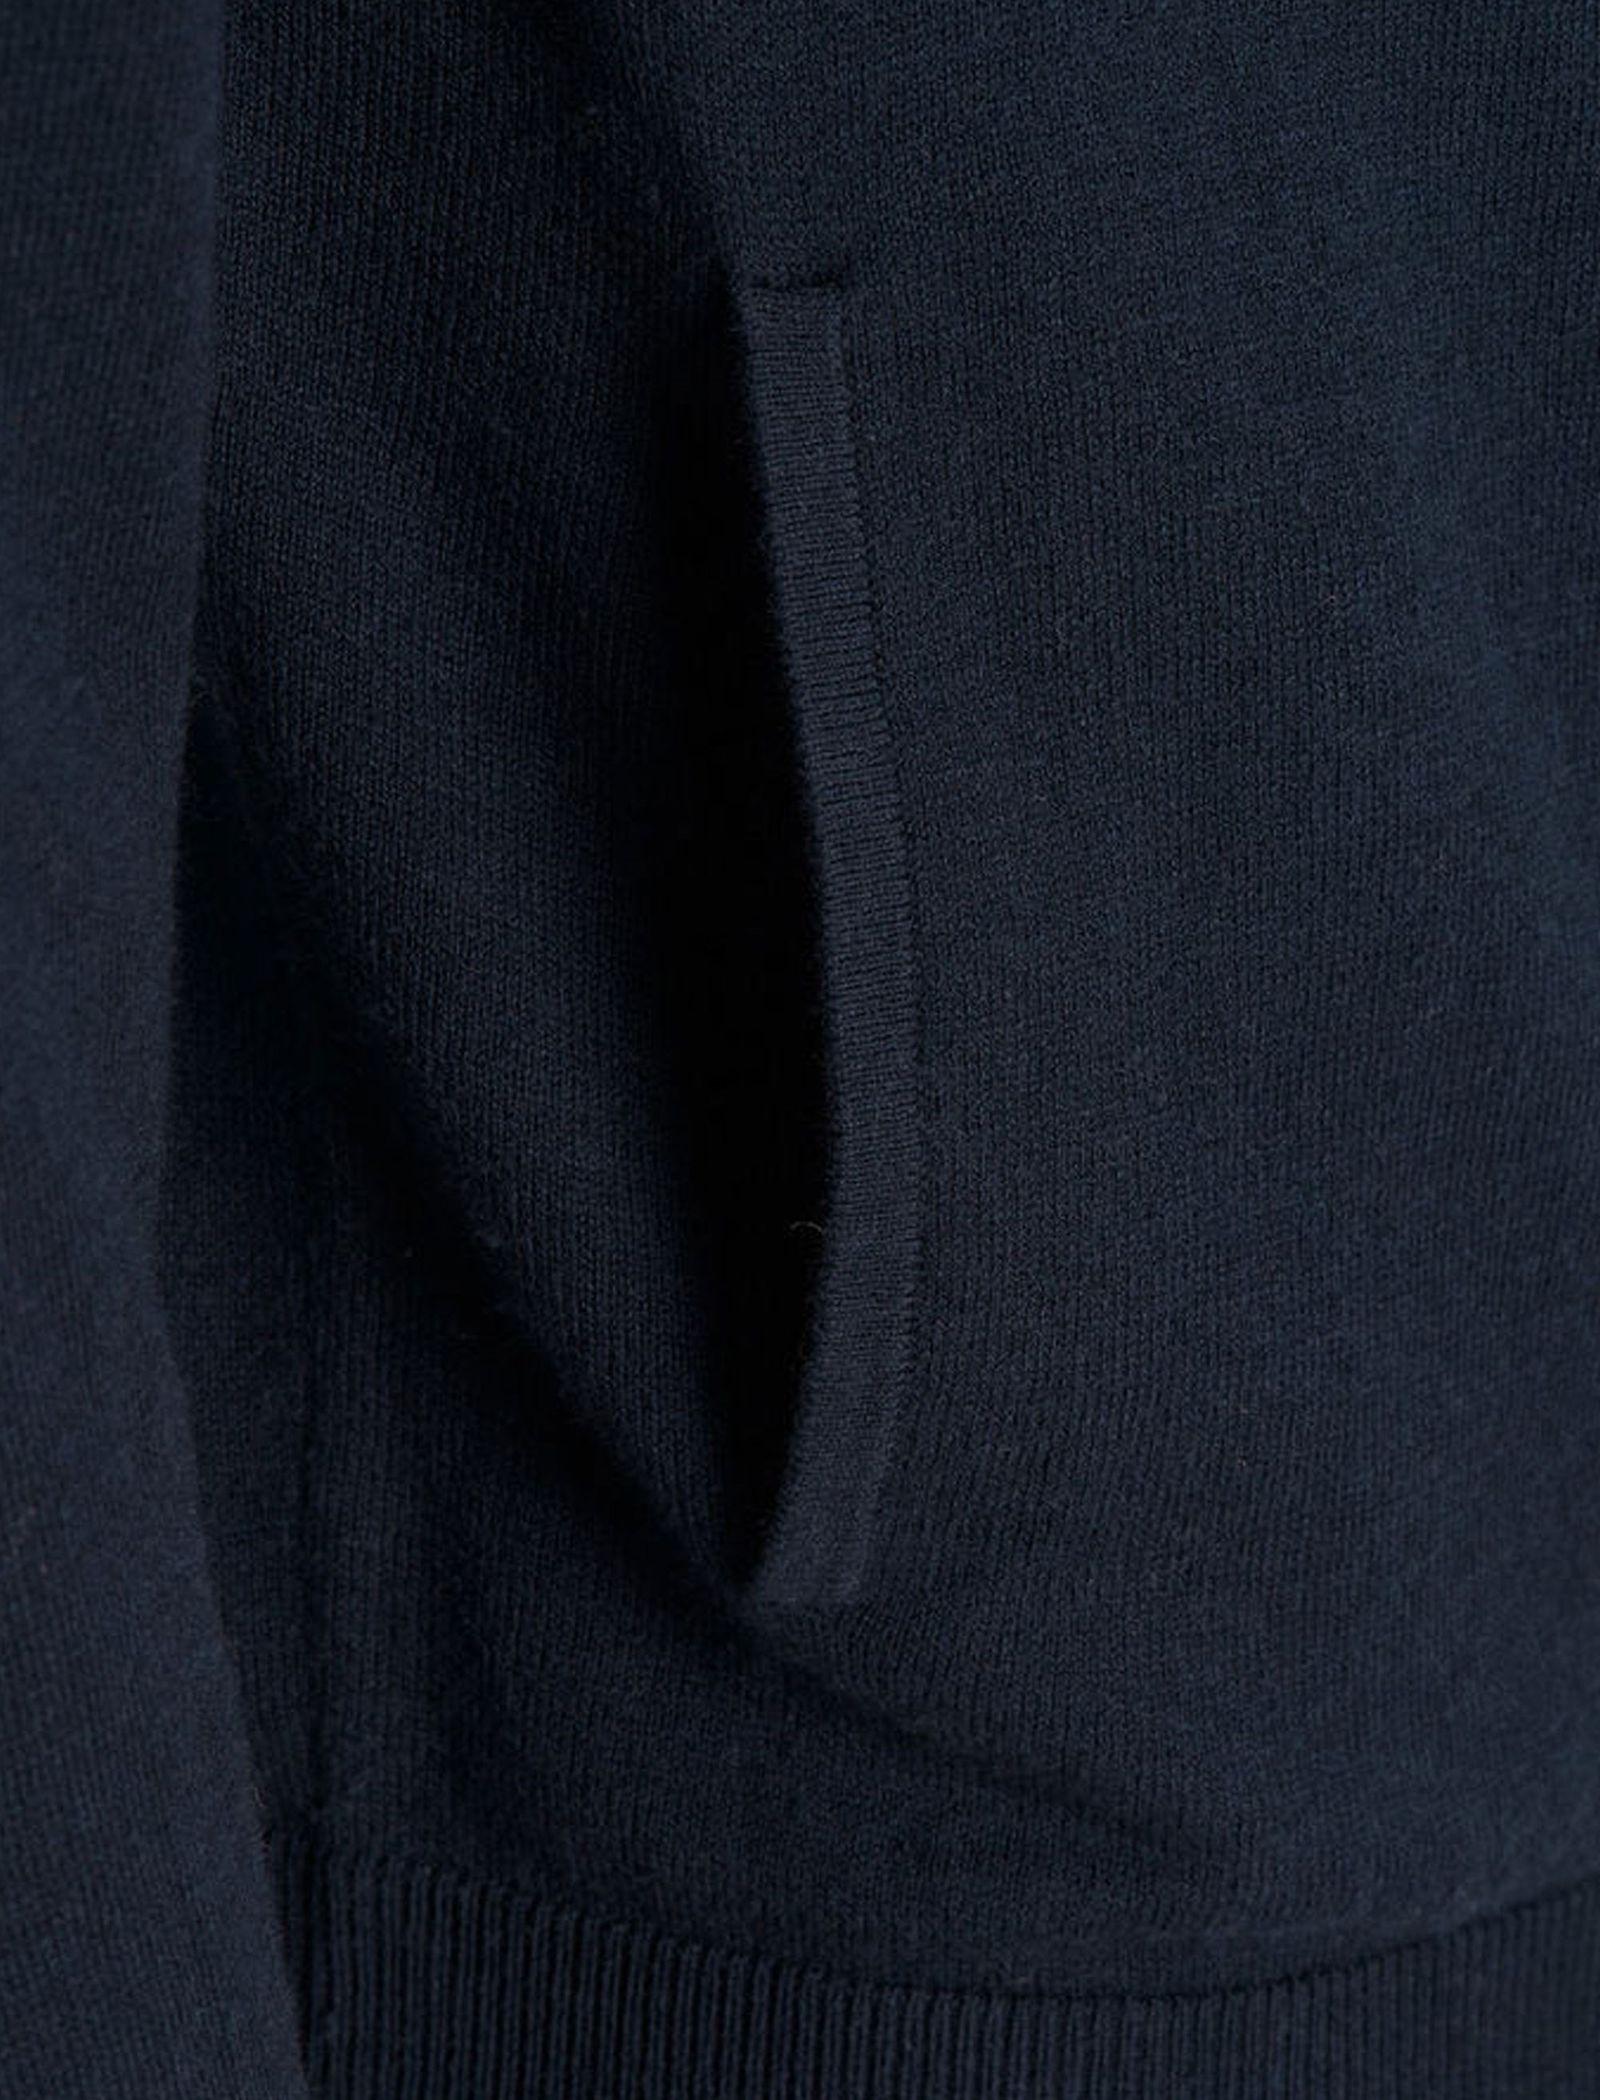 سویشرت نخی زیپ دار مردانه - جک اند جونز - سرمه اي - 5